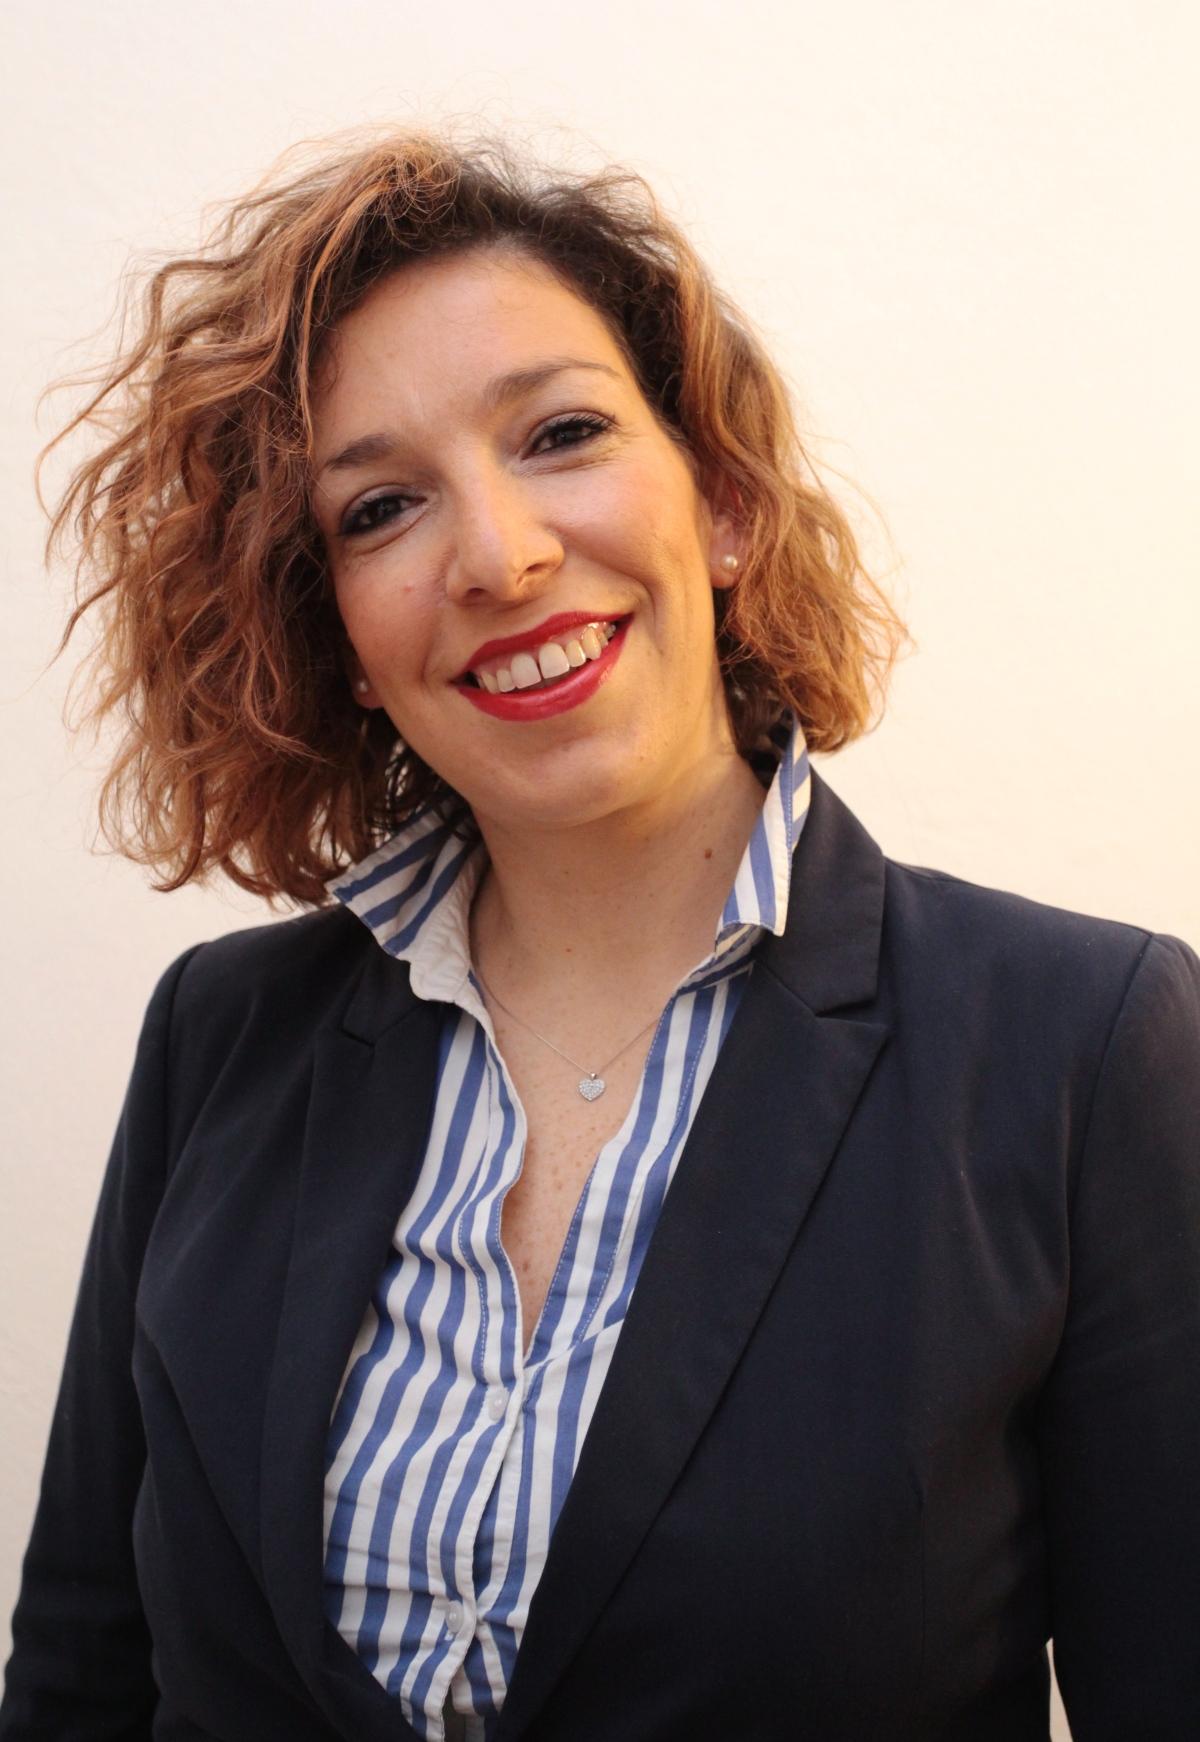 Paola Brusotto: basta criticare il passato, da concittadina vi parlo di serietà nel cambiamento, nato da chi vuole il meglio perLodi.